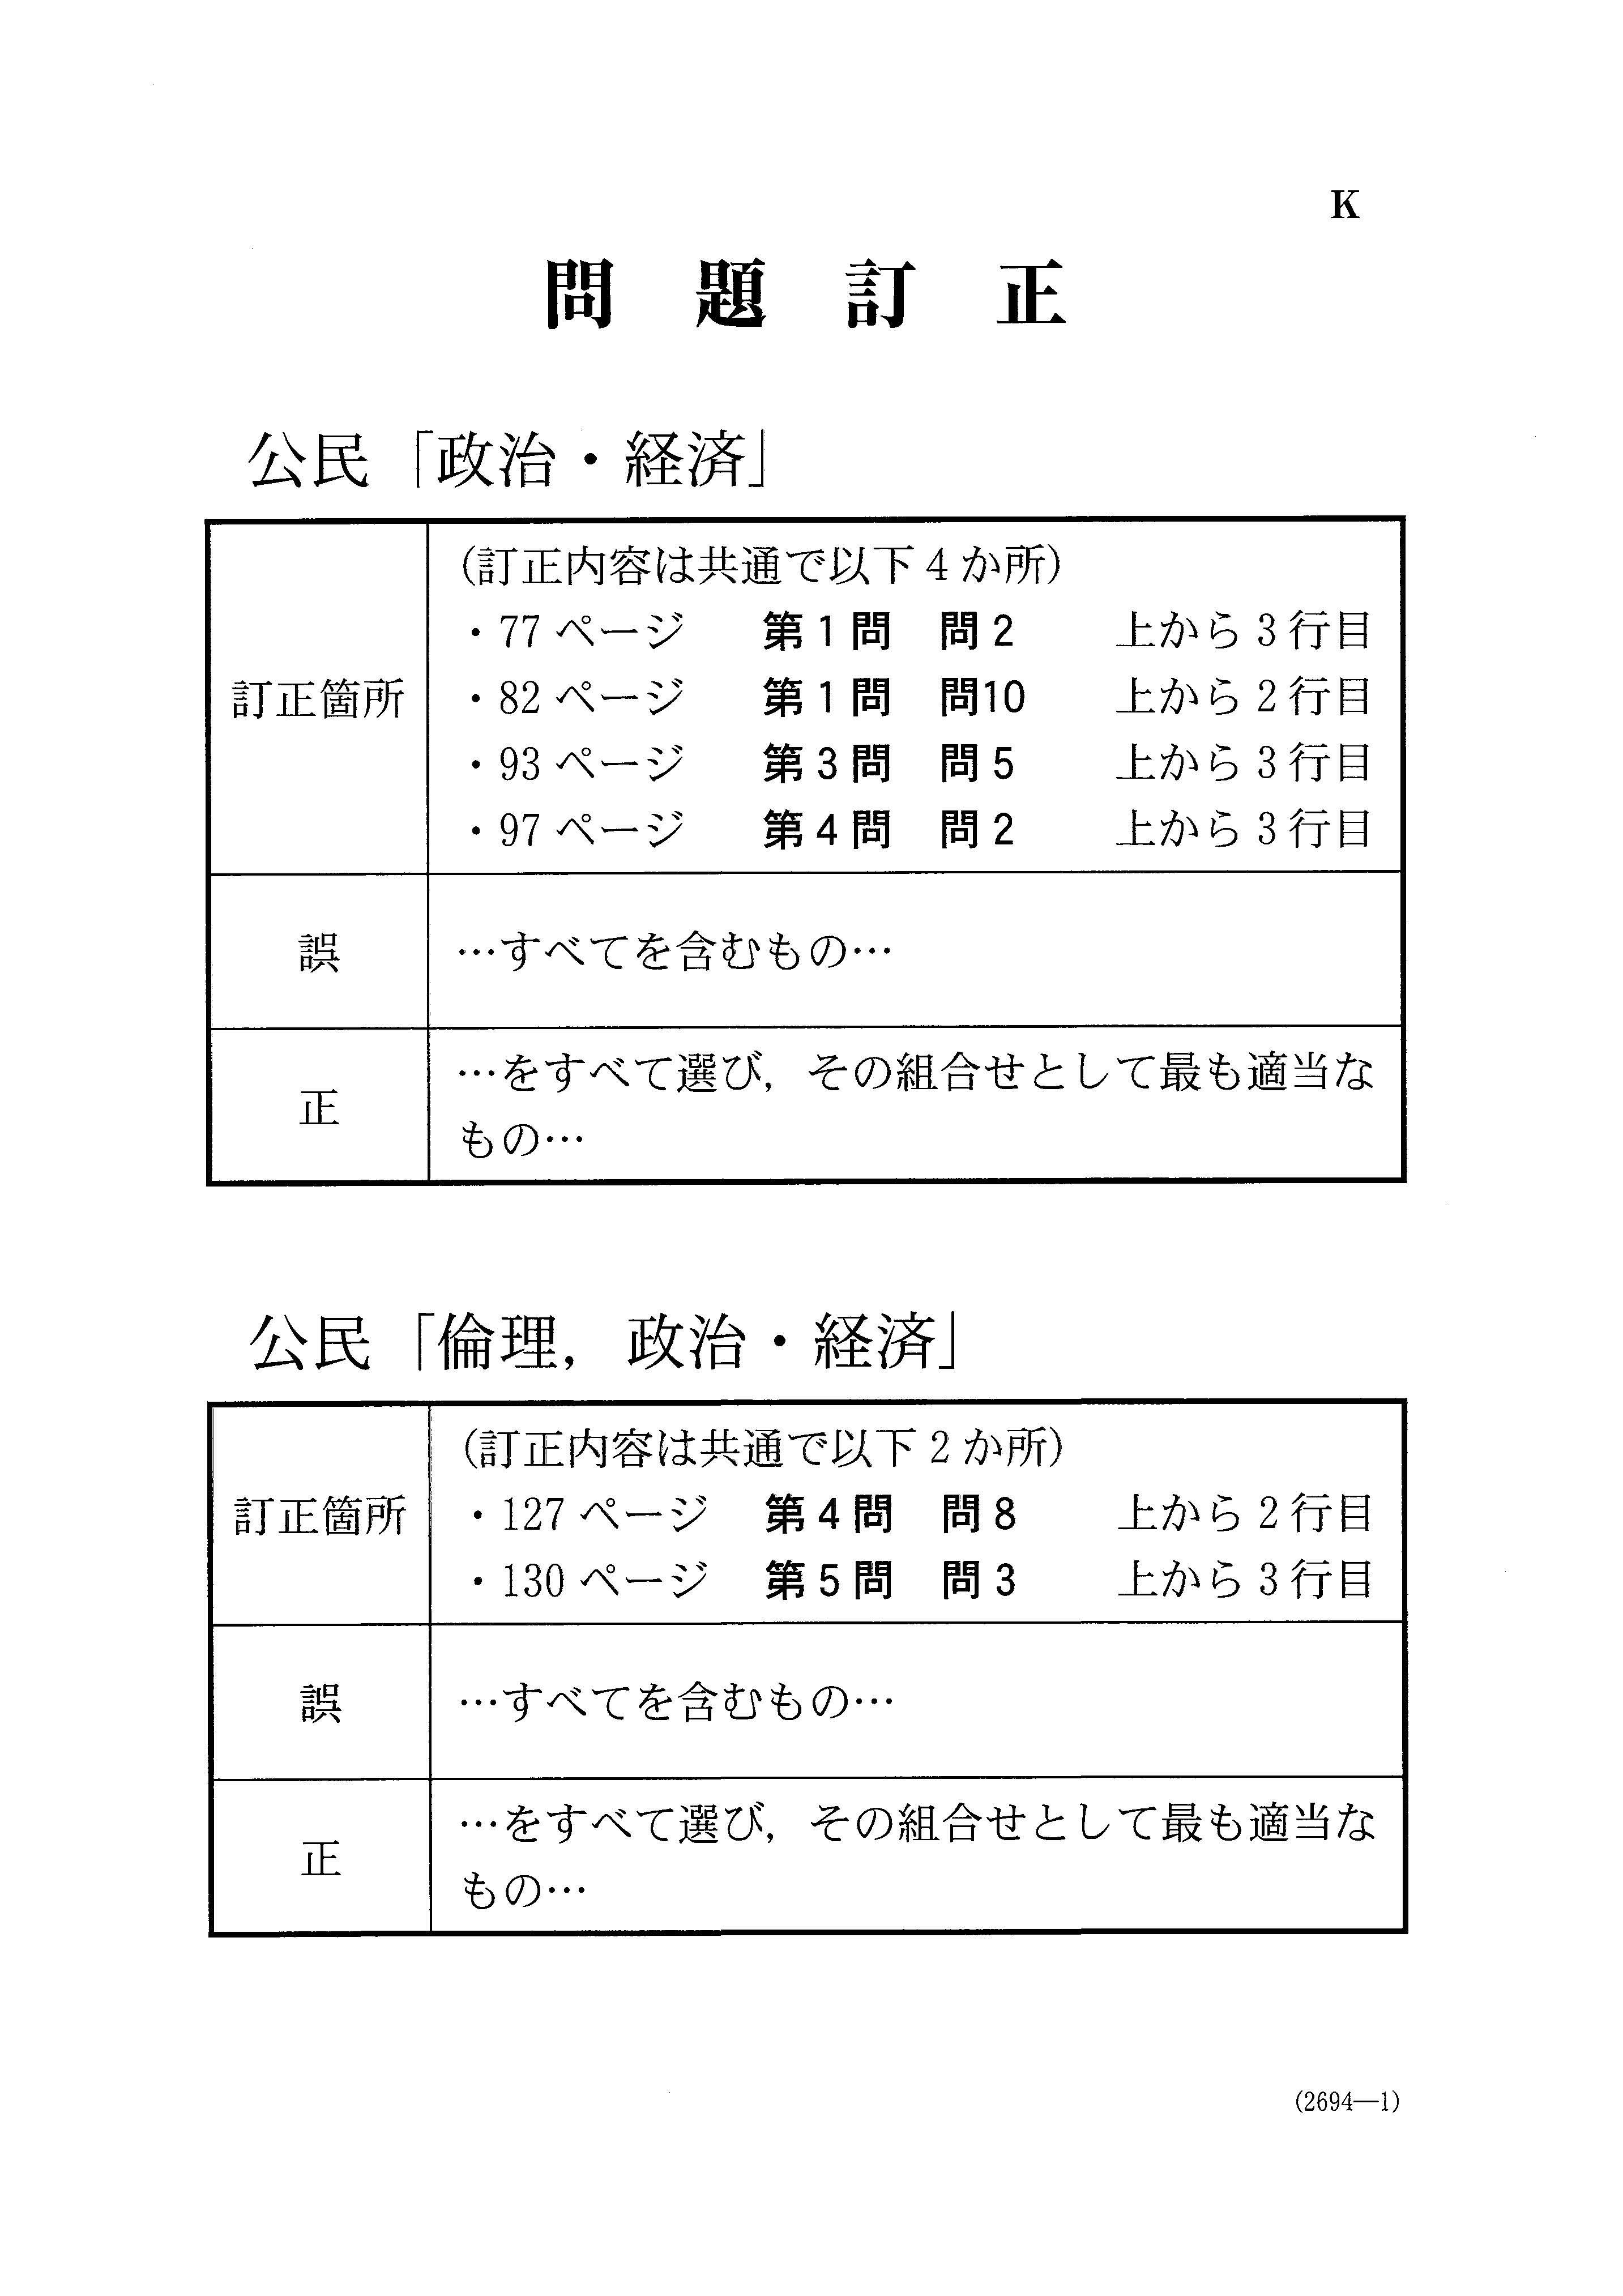 2019年 平成31年,令和元年 倫理,政治・経済 大学入試センター試験過去問